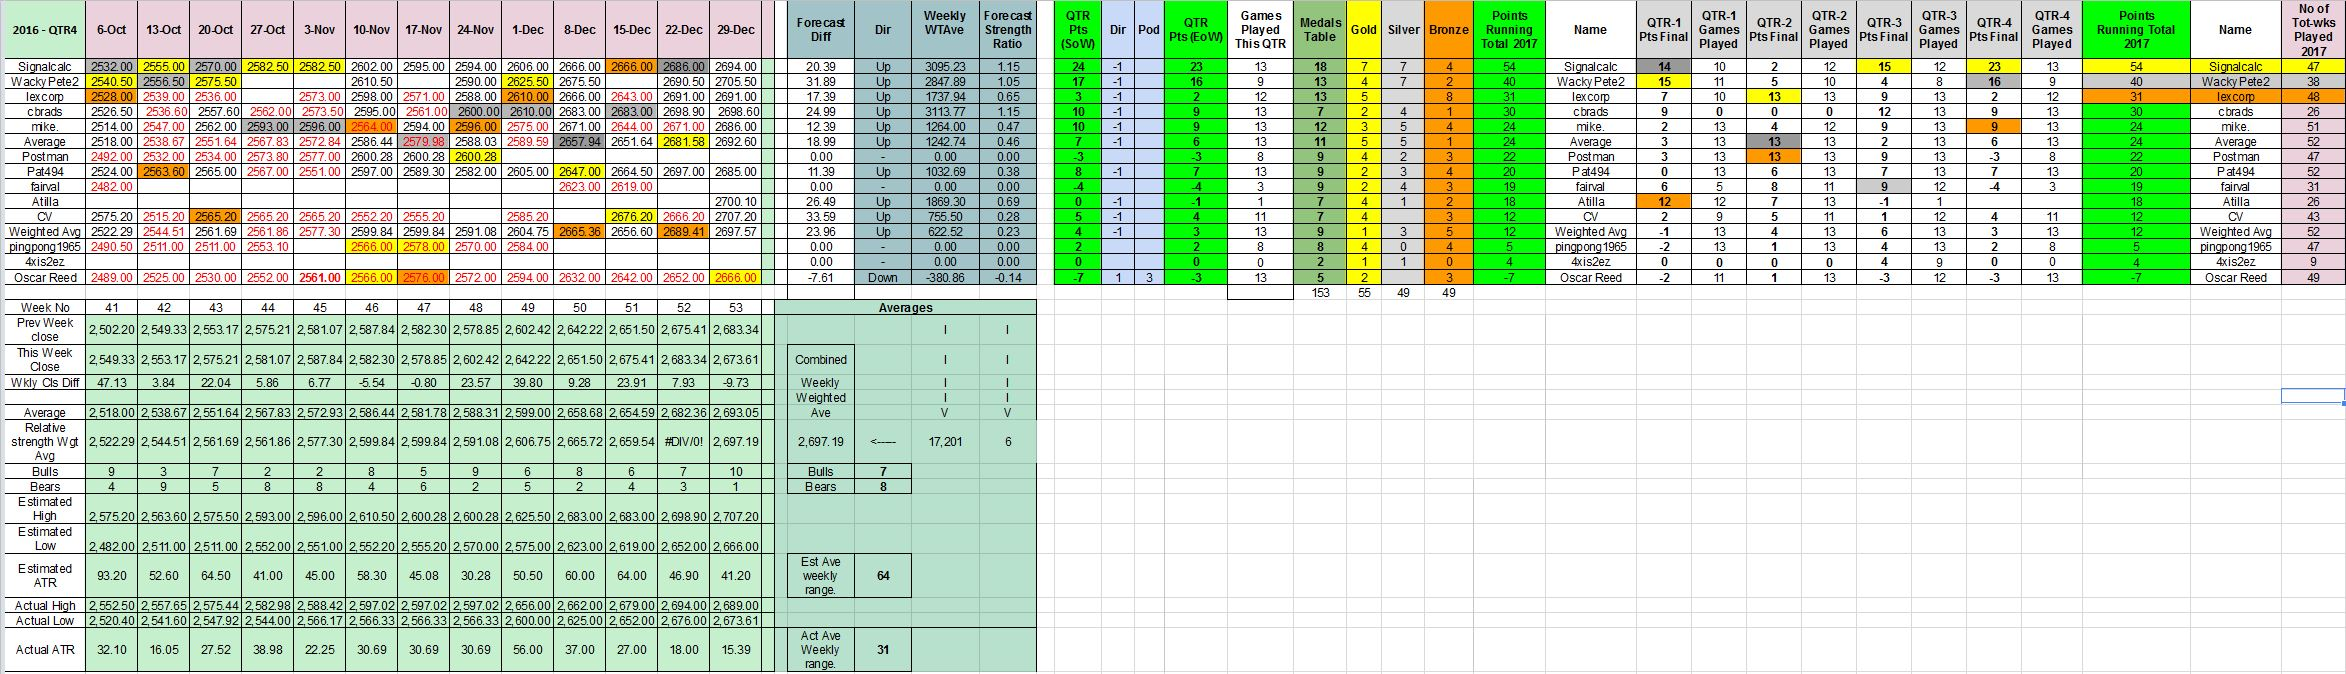 final_qtr_4_results.jpg